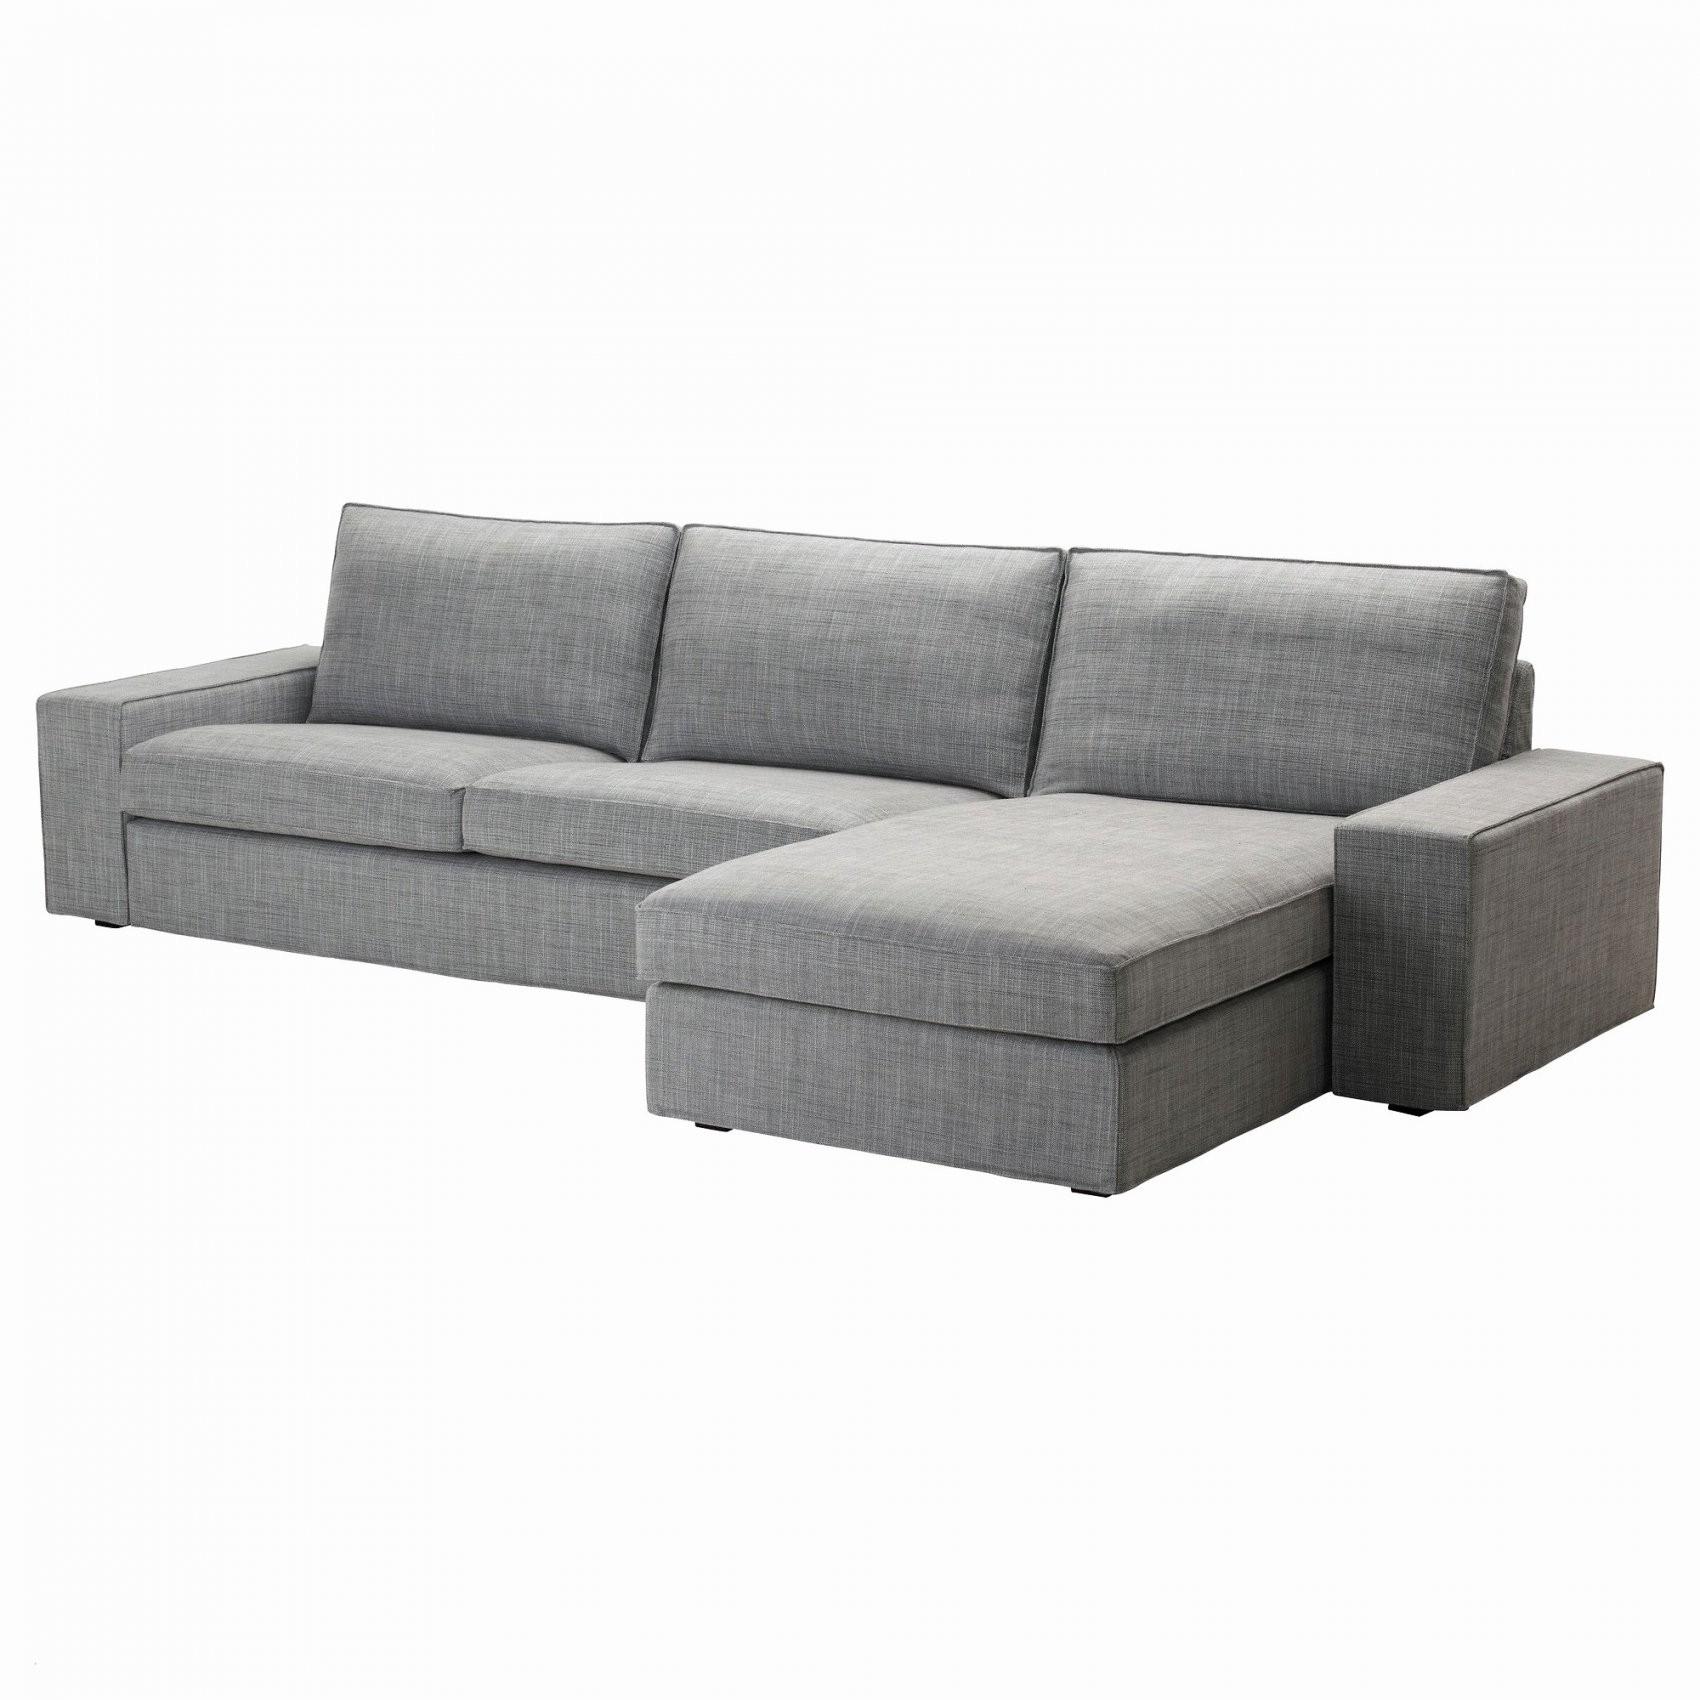 2Er Sofa Mit Recamiere Frisch 21 Beste Ikea 2 Sitzer Sofa Foto von 2 Sitzer Sofa Mit Recamiere Bild